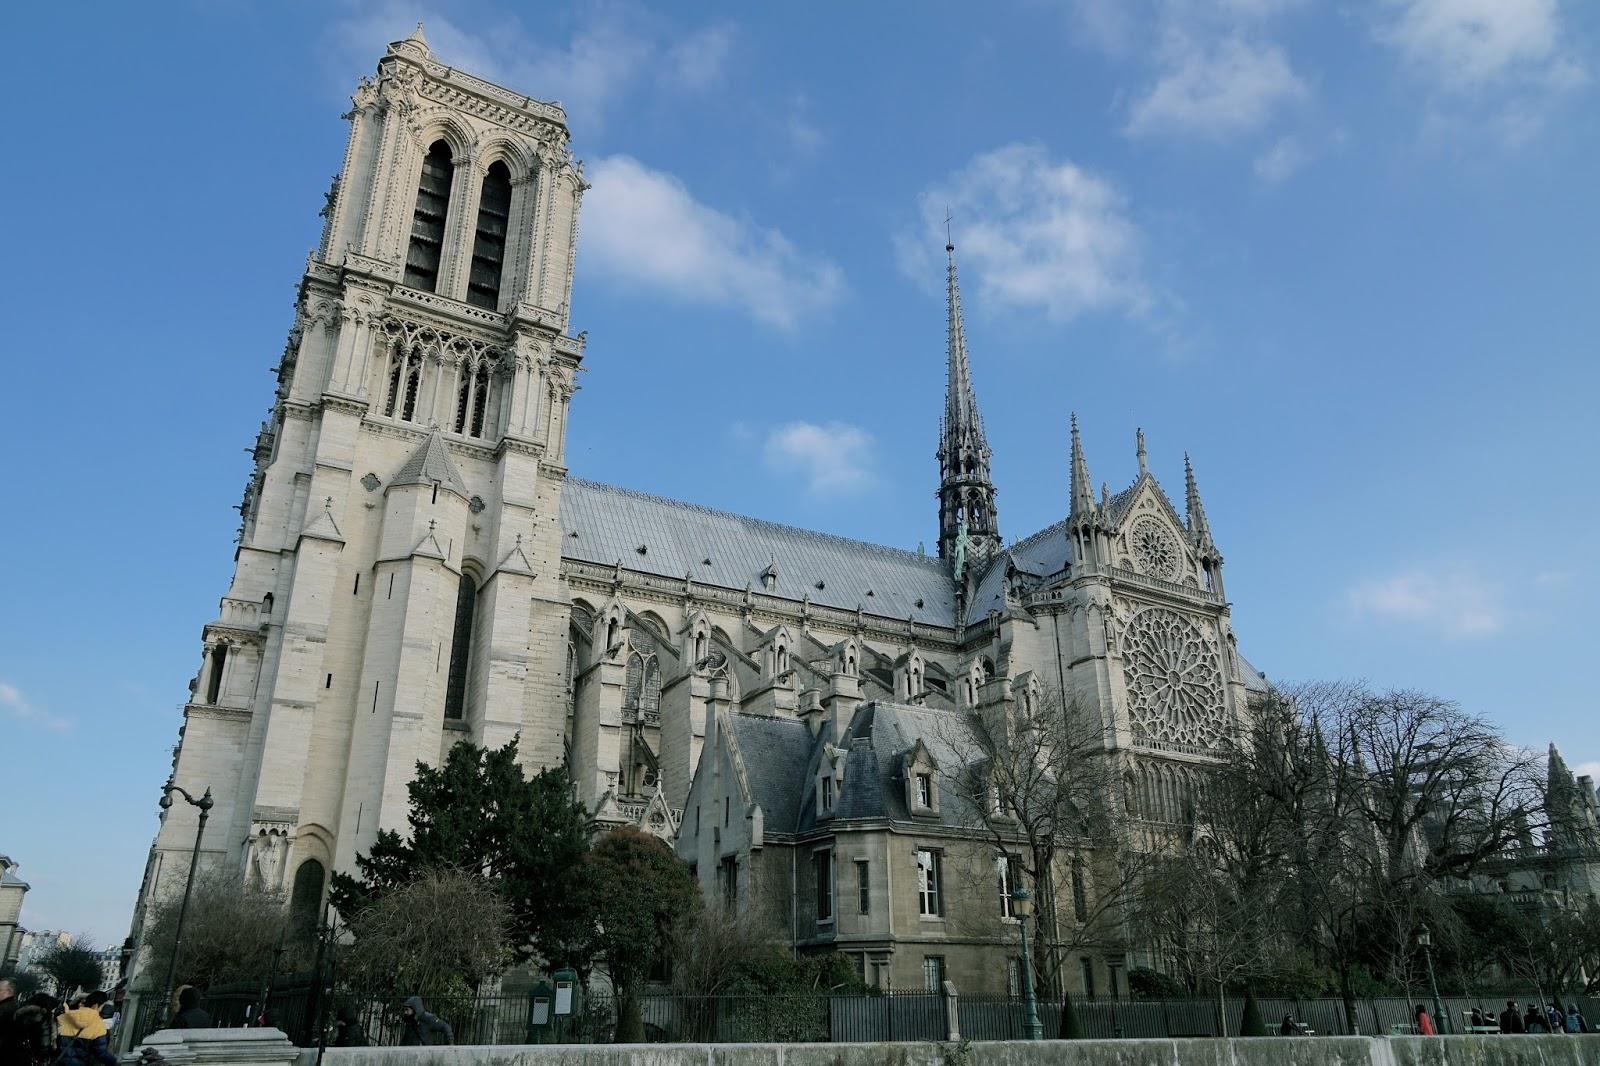 ノートルダム大聖堂 (パリ)の画像 p1_30